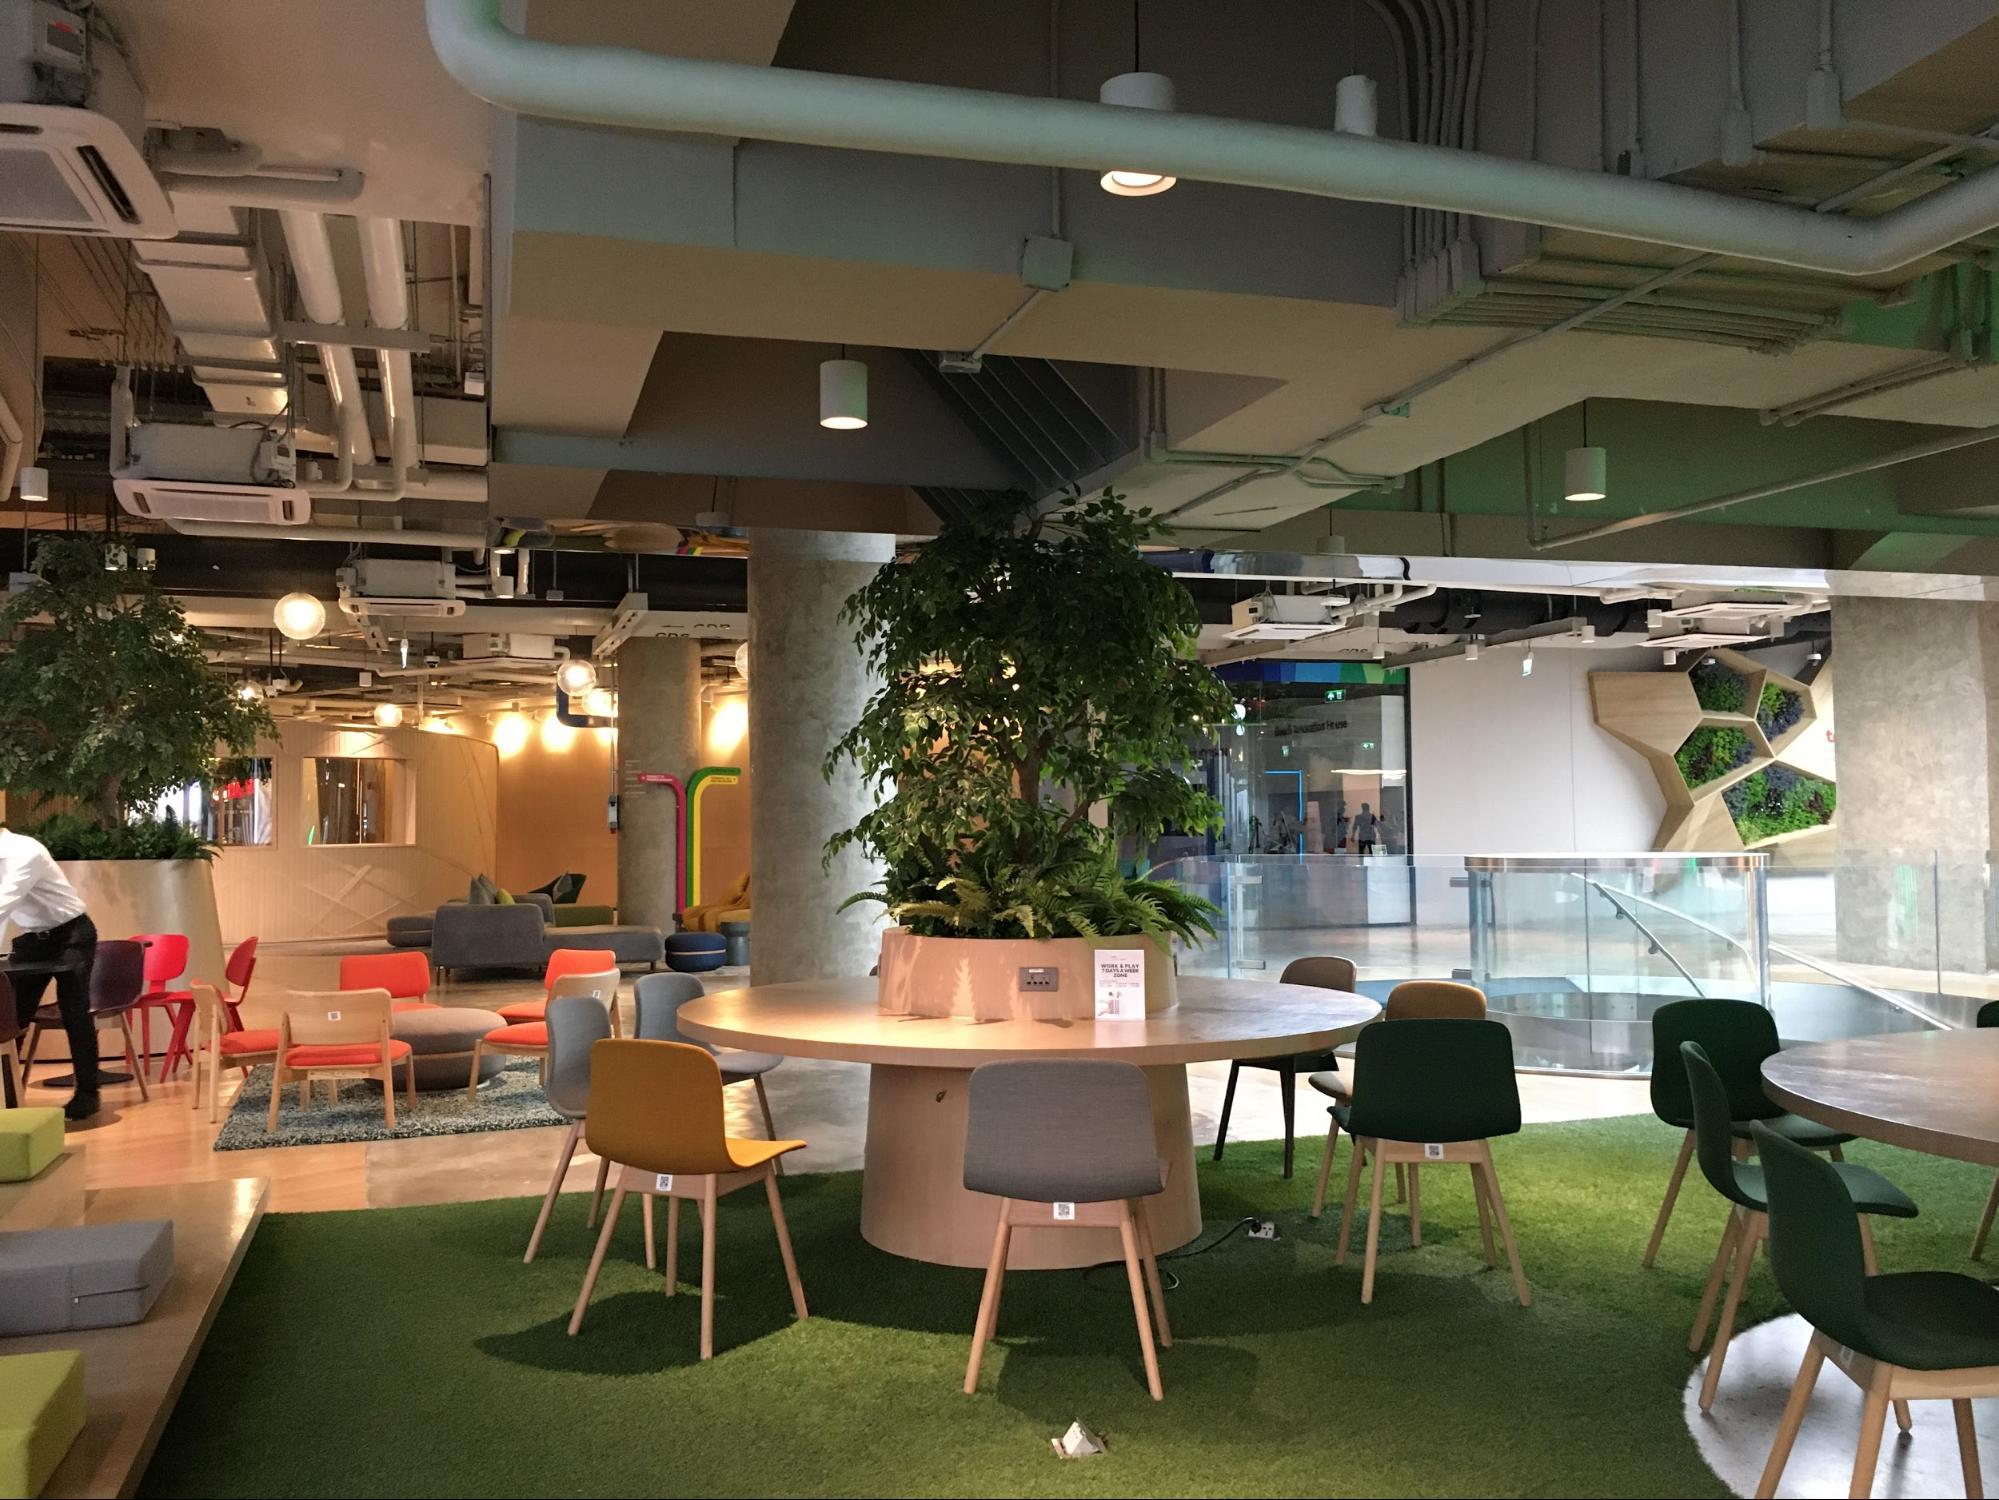 มีพื้นที่ที่เป็นโซน Open ให้ผู้ที่มาติดต่องาน พนักงานฟรีแลนซ์ หรือพนักงานพาร์ทไทม์ สามารถมานั่งทำงานได้ตามอัธยาศัย